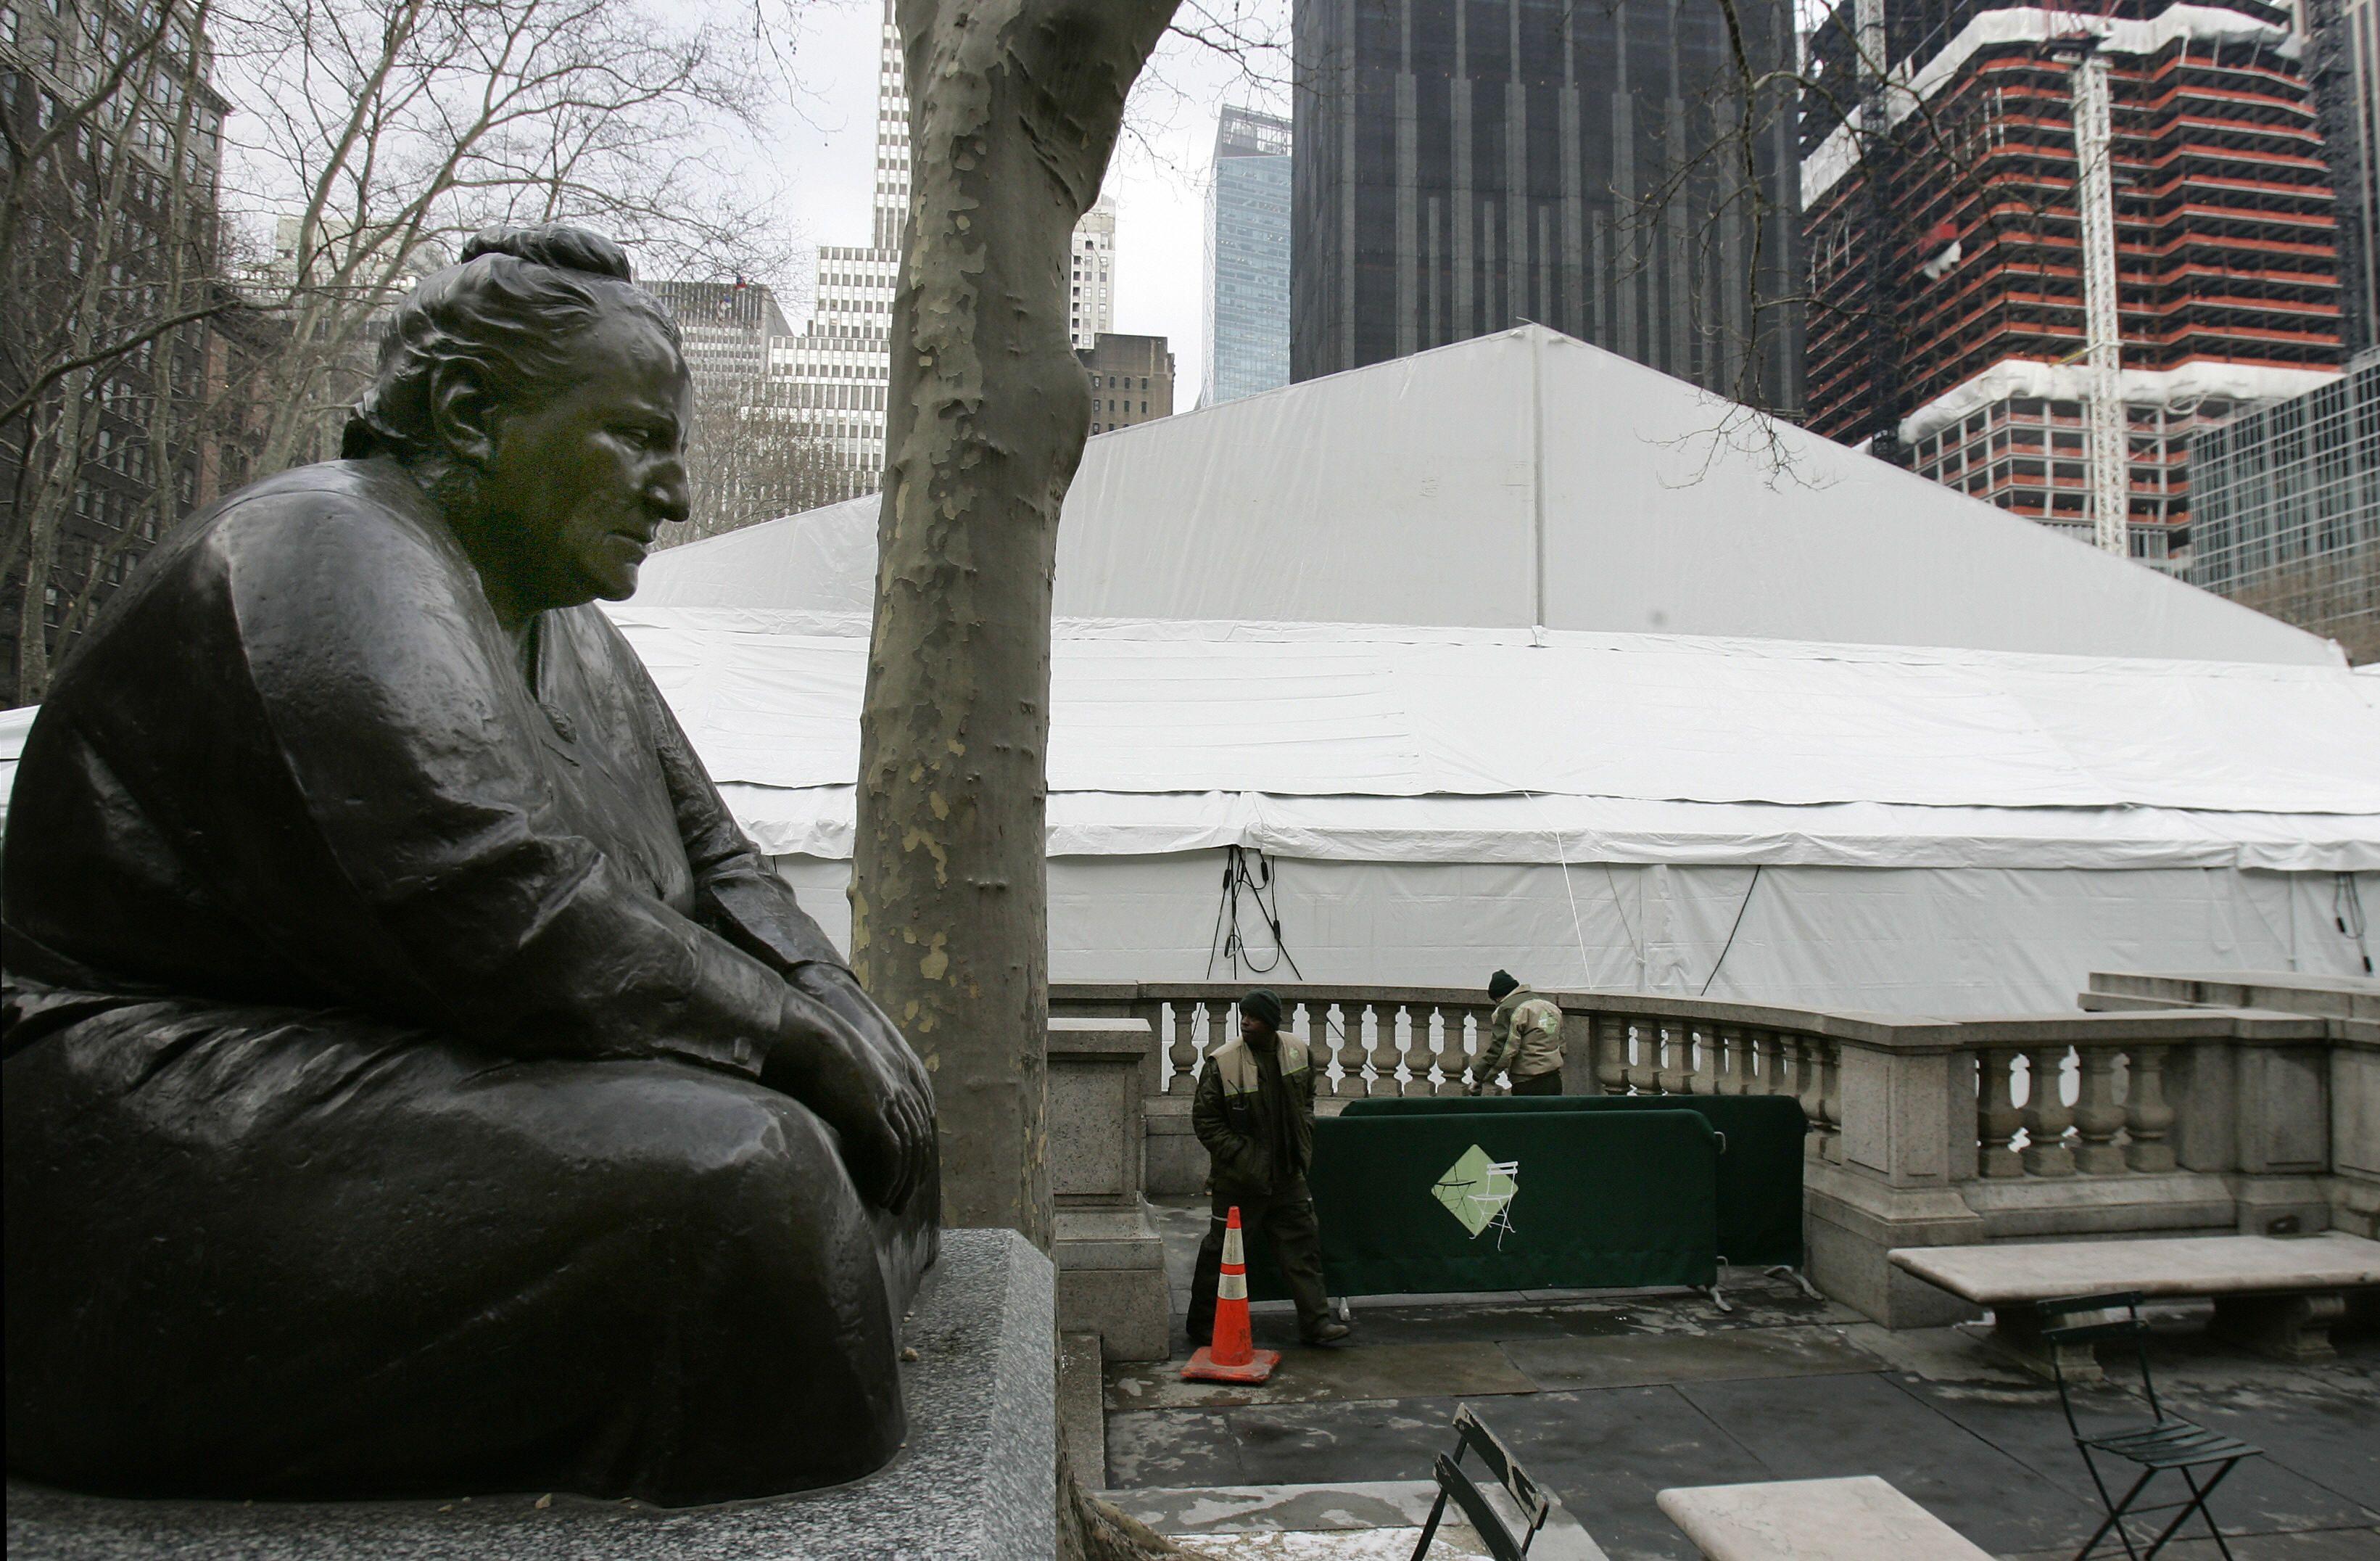 Gertrude Stein statue